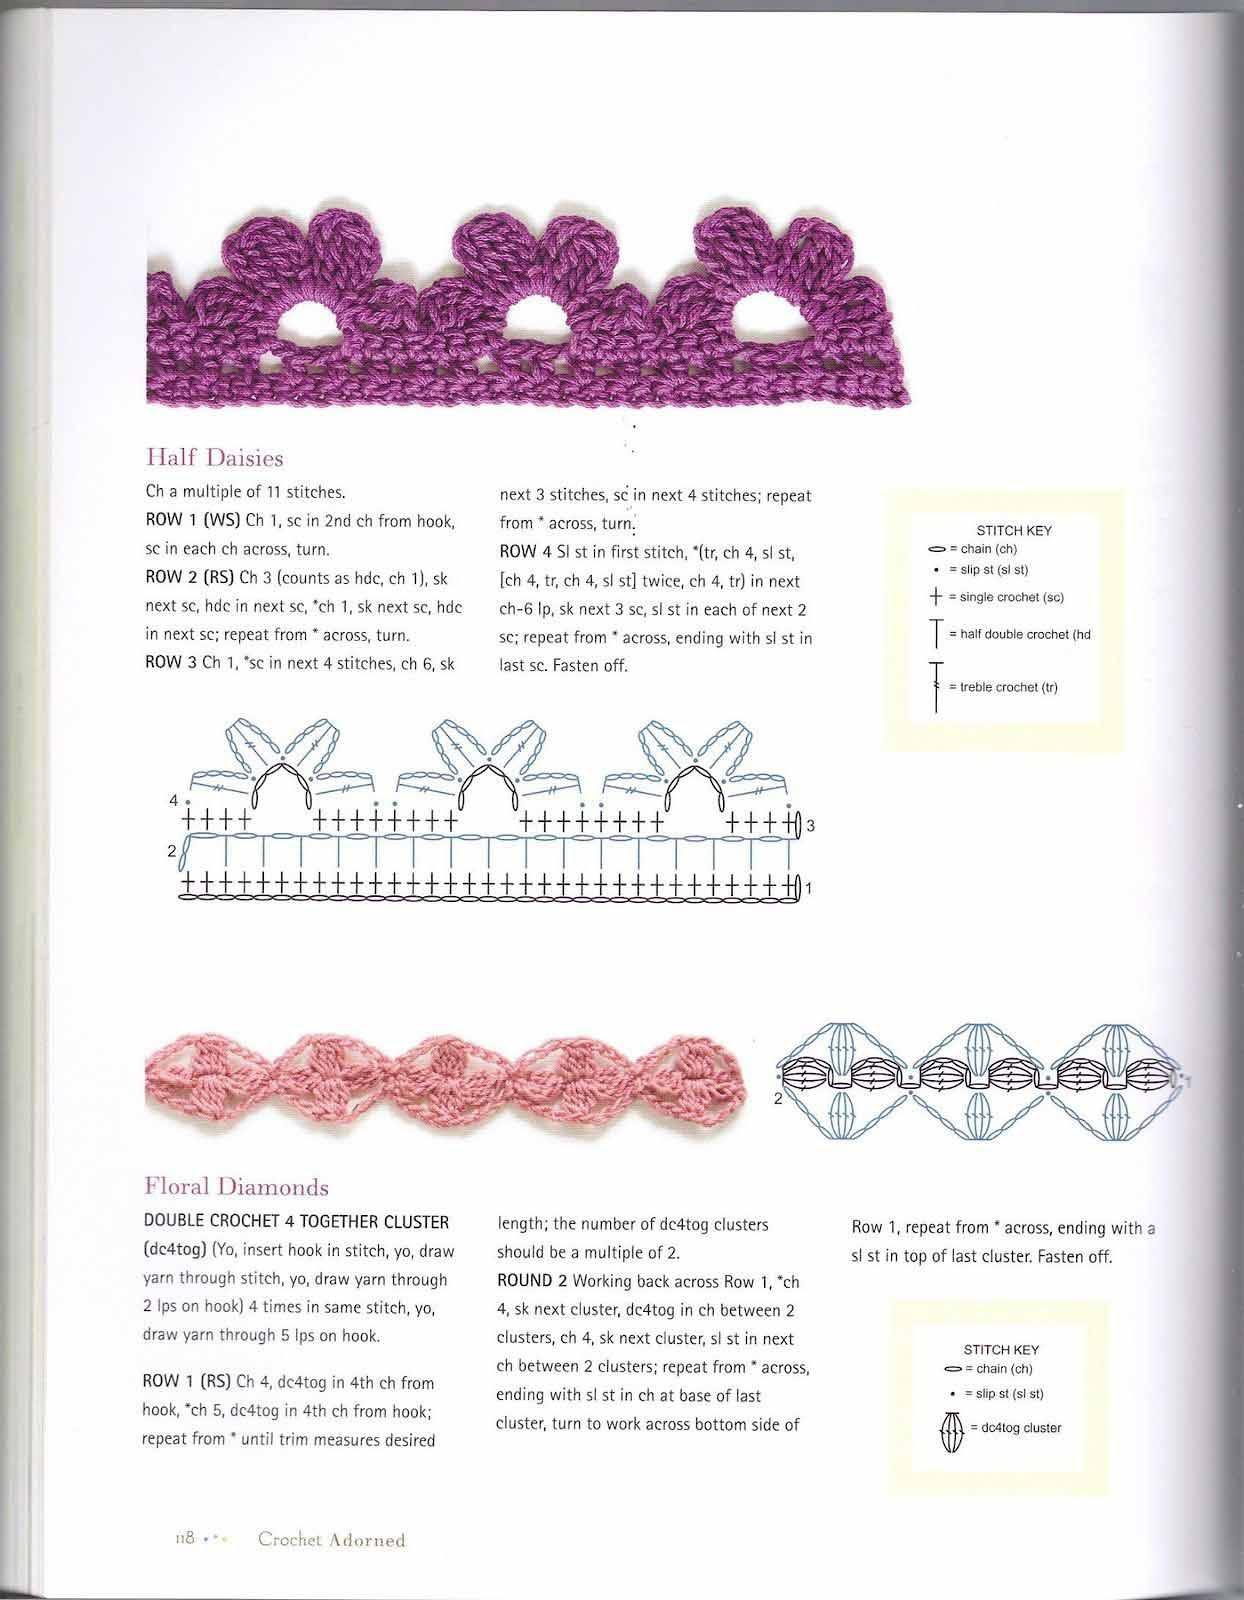 puntillas tejidas al crochet para toallas puntillas tejidas al crochet